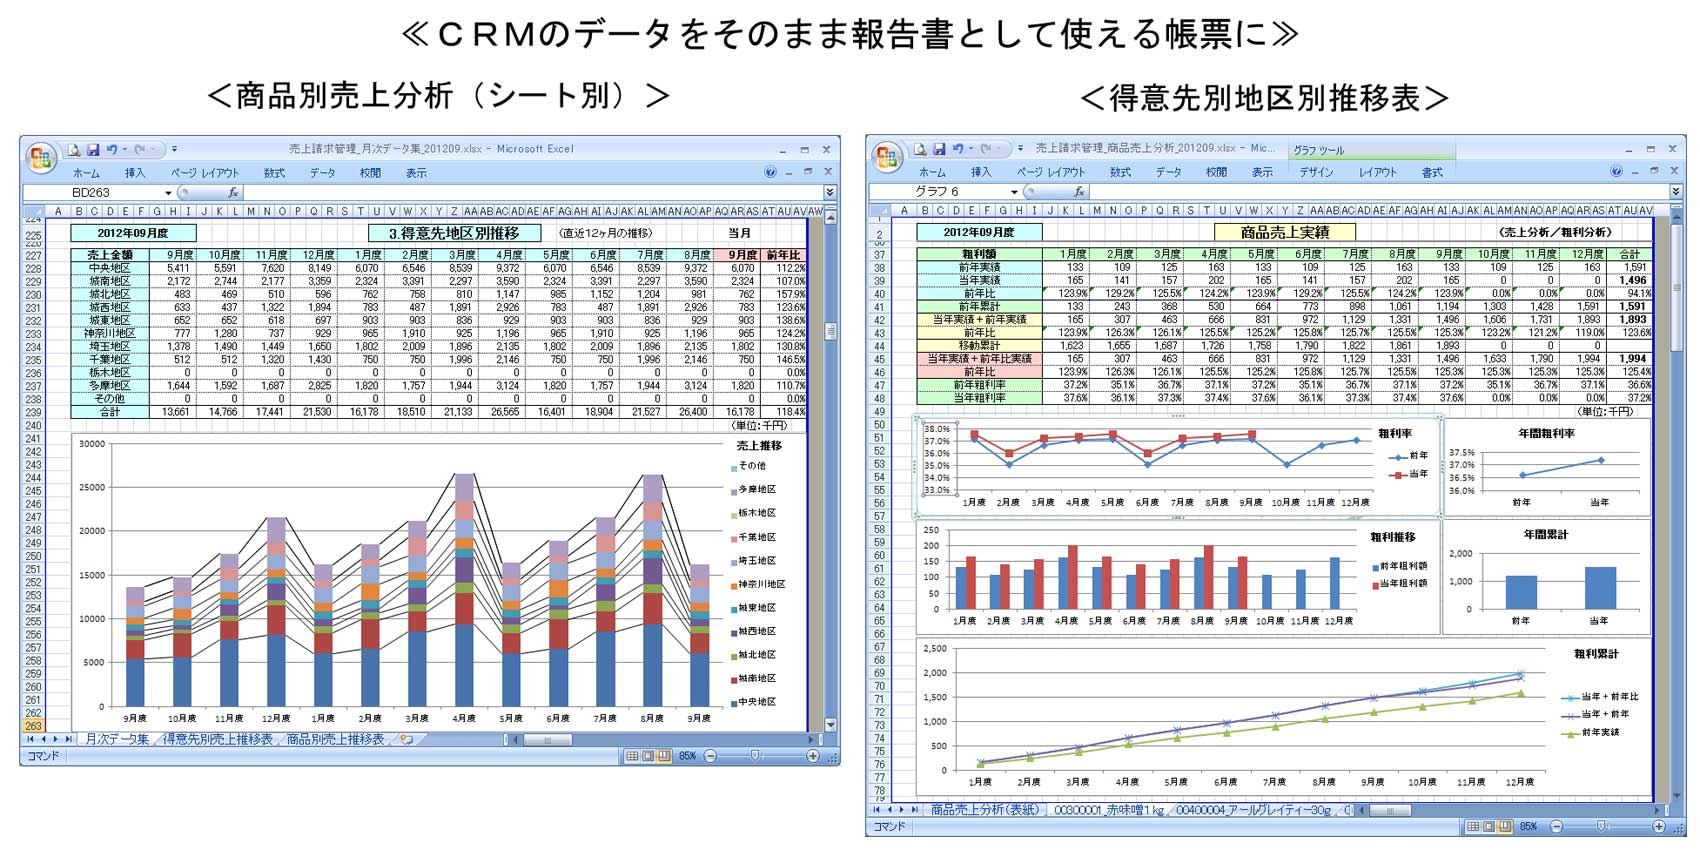 OSK ≪テンプレートの強化拡充と、Excelへの多様な出力を実現する『SMILE CRM Rel.3』を発売≫ ~モバイル機能ではWindows8の新しいUIにいち早く対応 ~